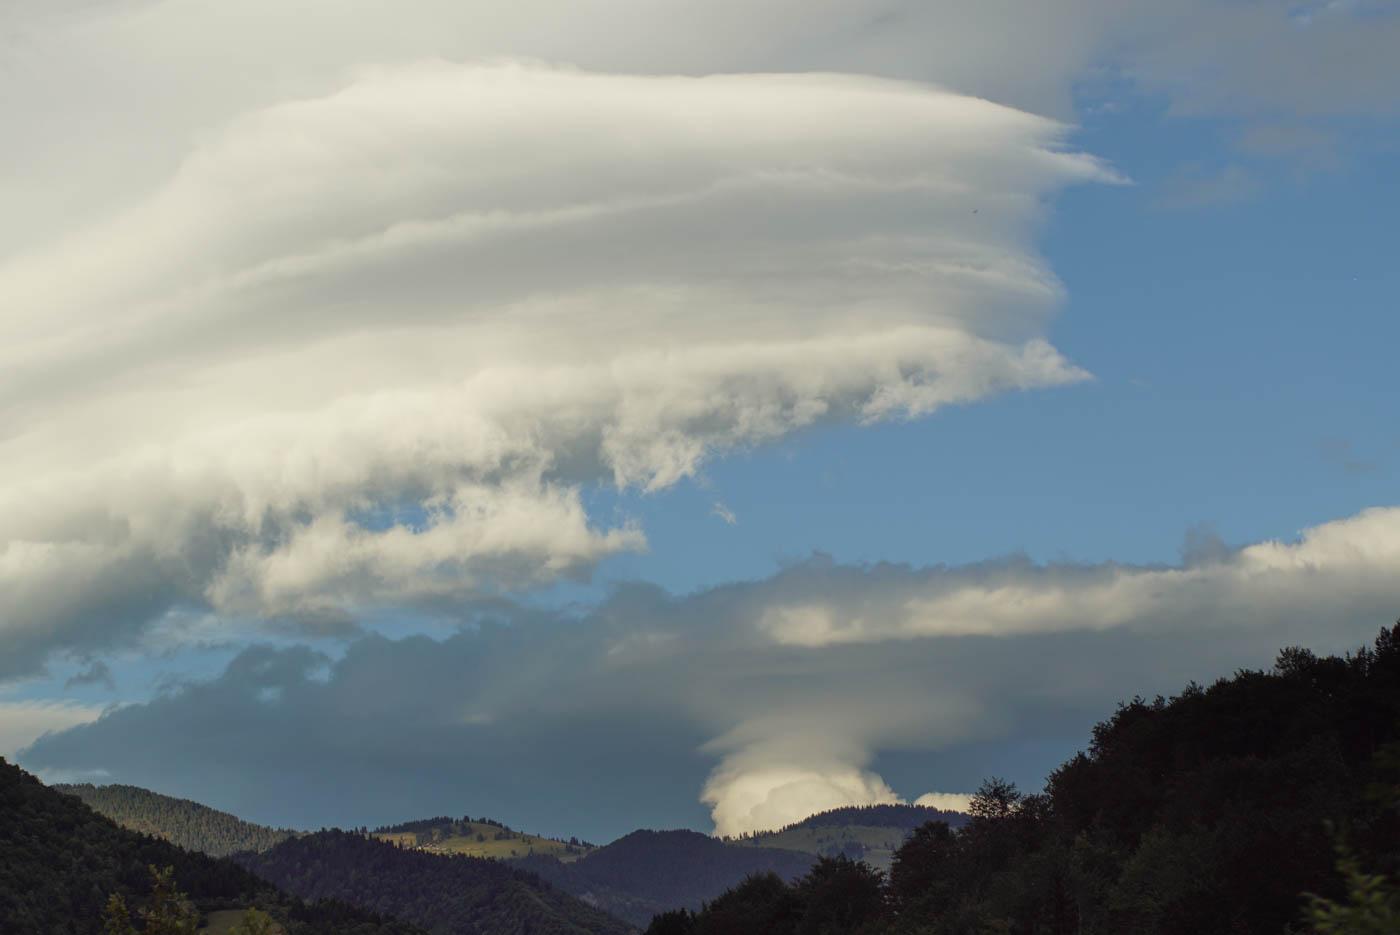 Blick auf die bewaldeten Hänge der Rugova Schlucht über Ihnen erheben sich Säulen Wolken in den Himmel